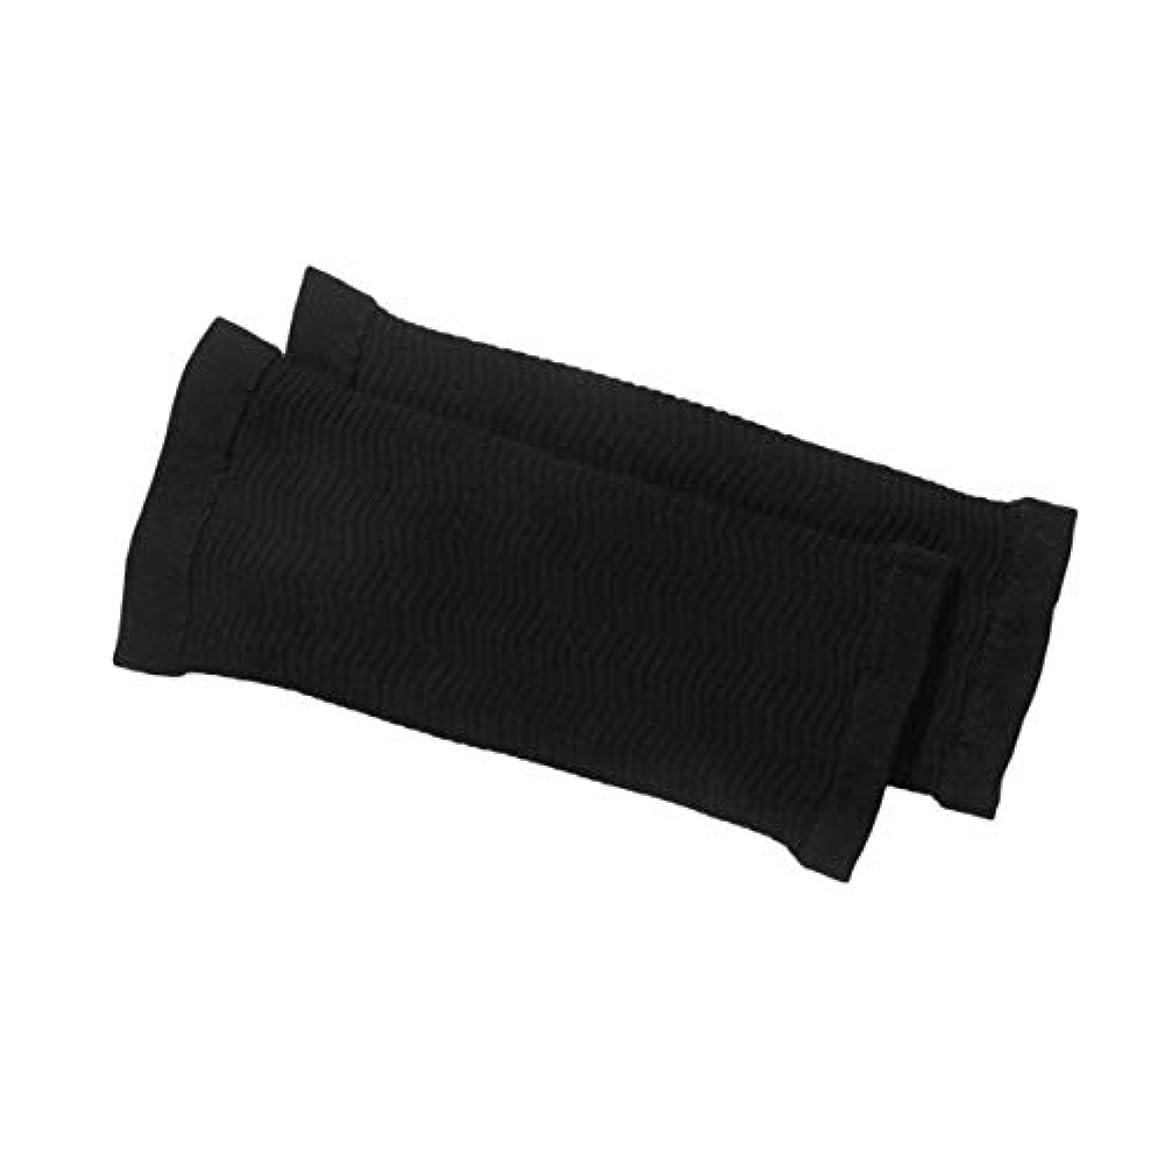 苦しみ有名四回1ペア420 D圧縮痩身アームスリーブワークアウトトーニングバーンセルライトシェイパー脂肪燃焼袖用女性 - 黒